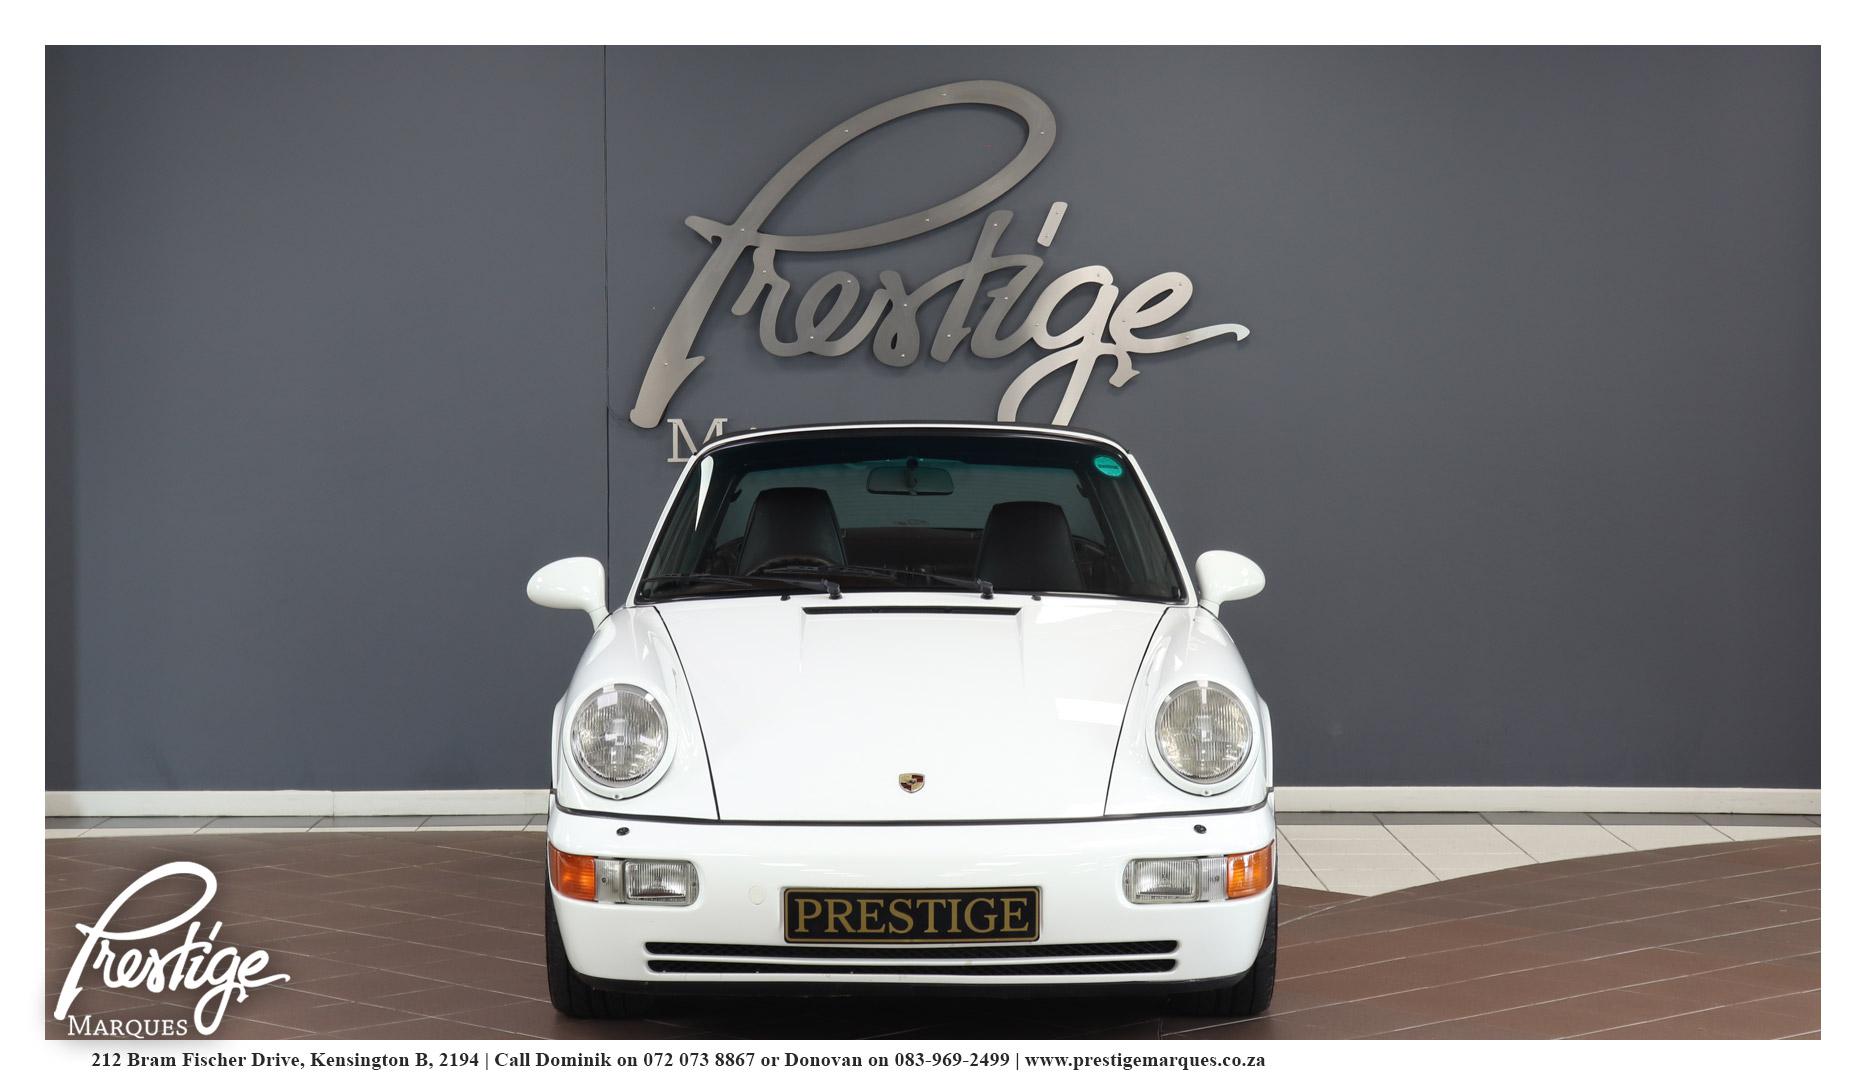 Prestige-Marques-1990-Porsche-964-Carrera 2-Manual-8